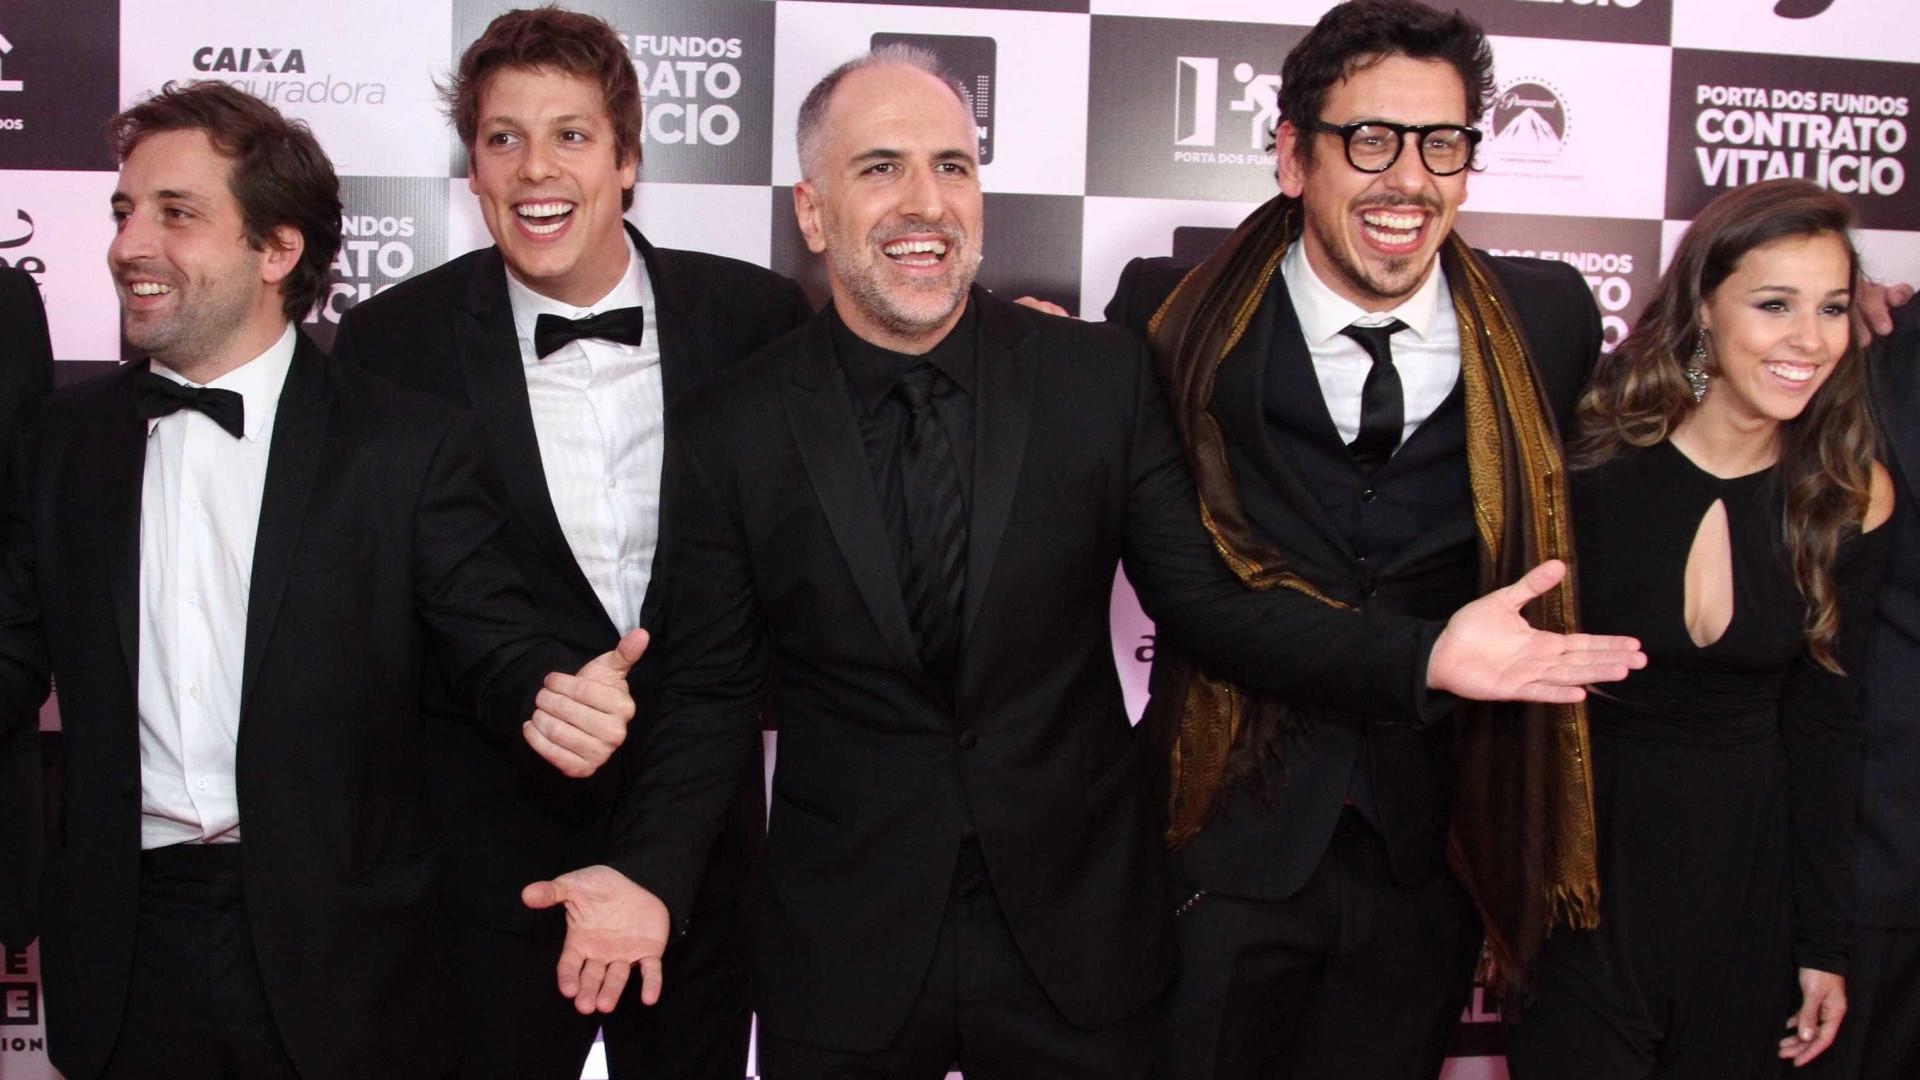 Dona da MTV compra canal brasileiro de comédia Porta dos Fundos